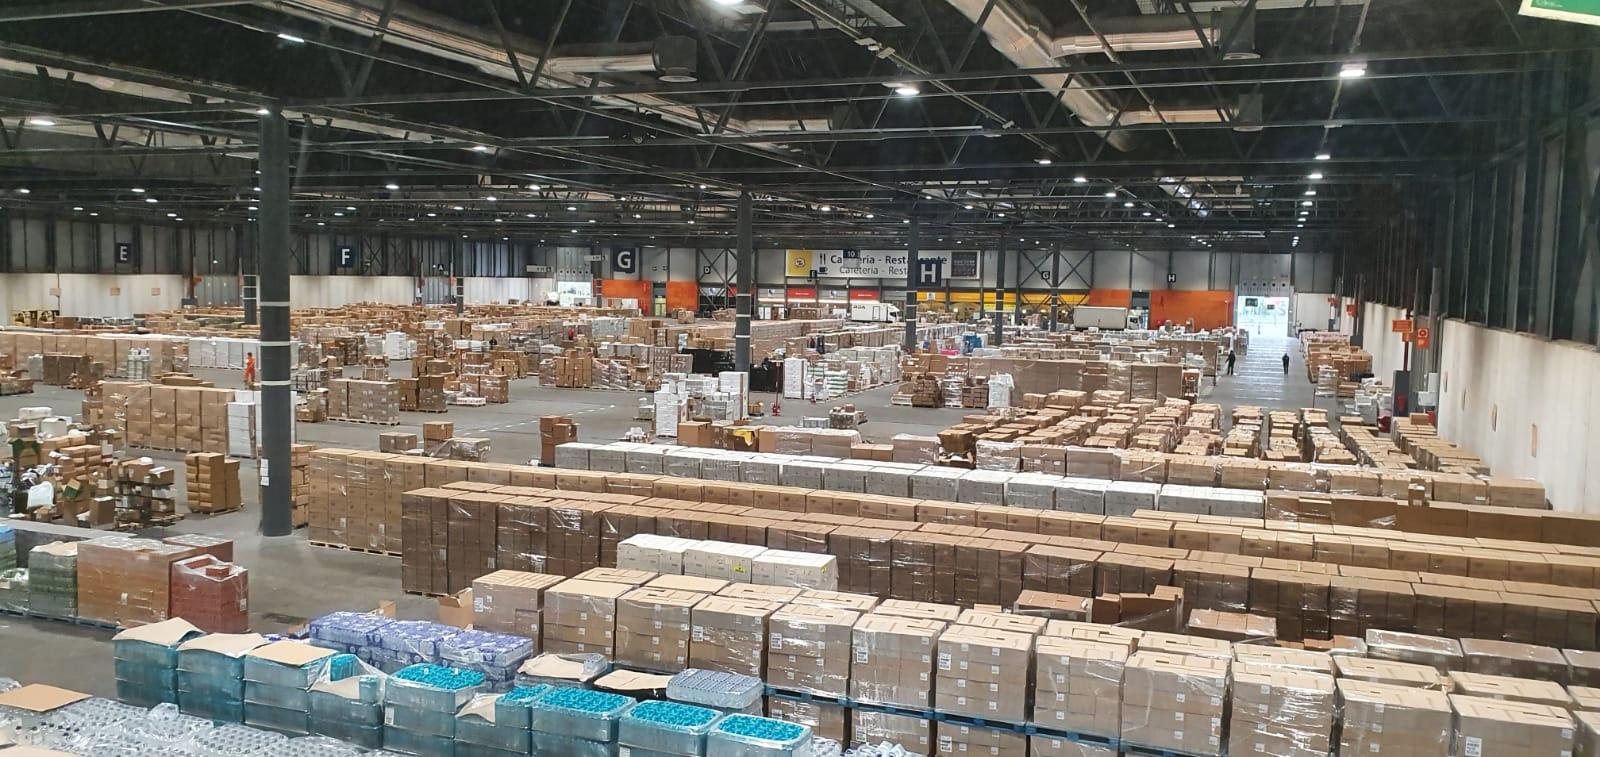 IFEMA no solo es hospital, también abastece material sanitario